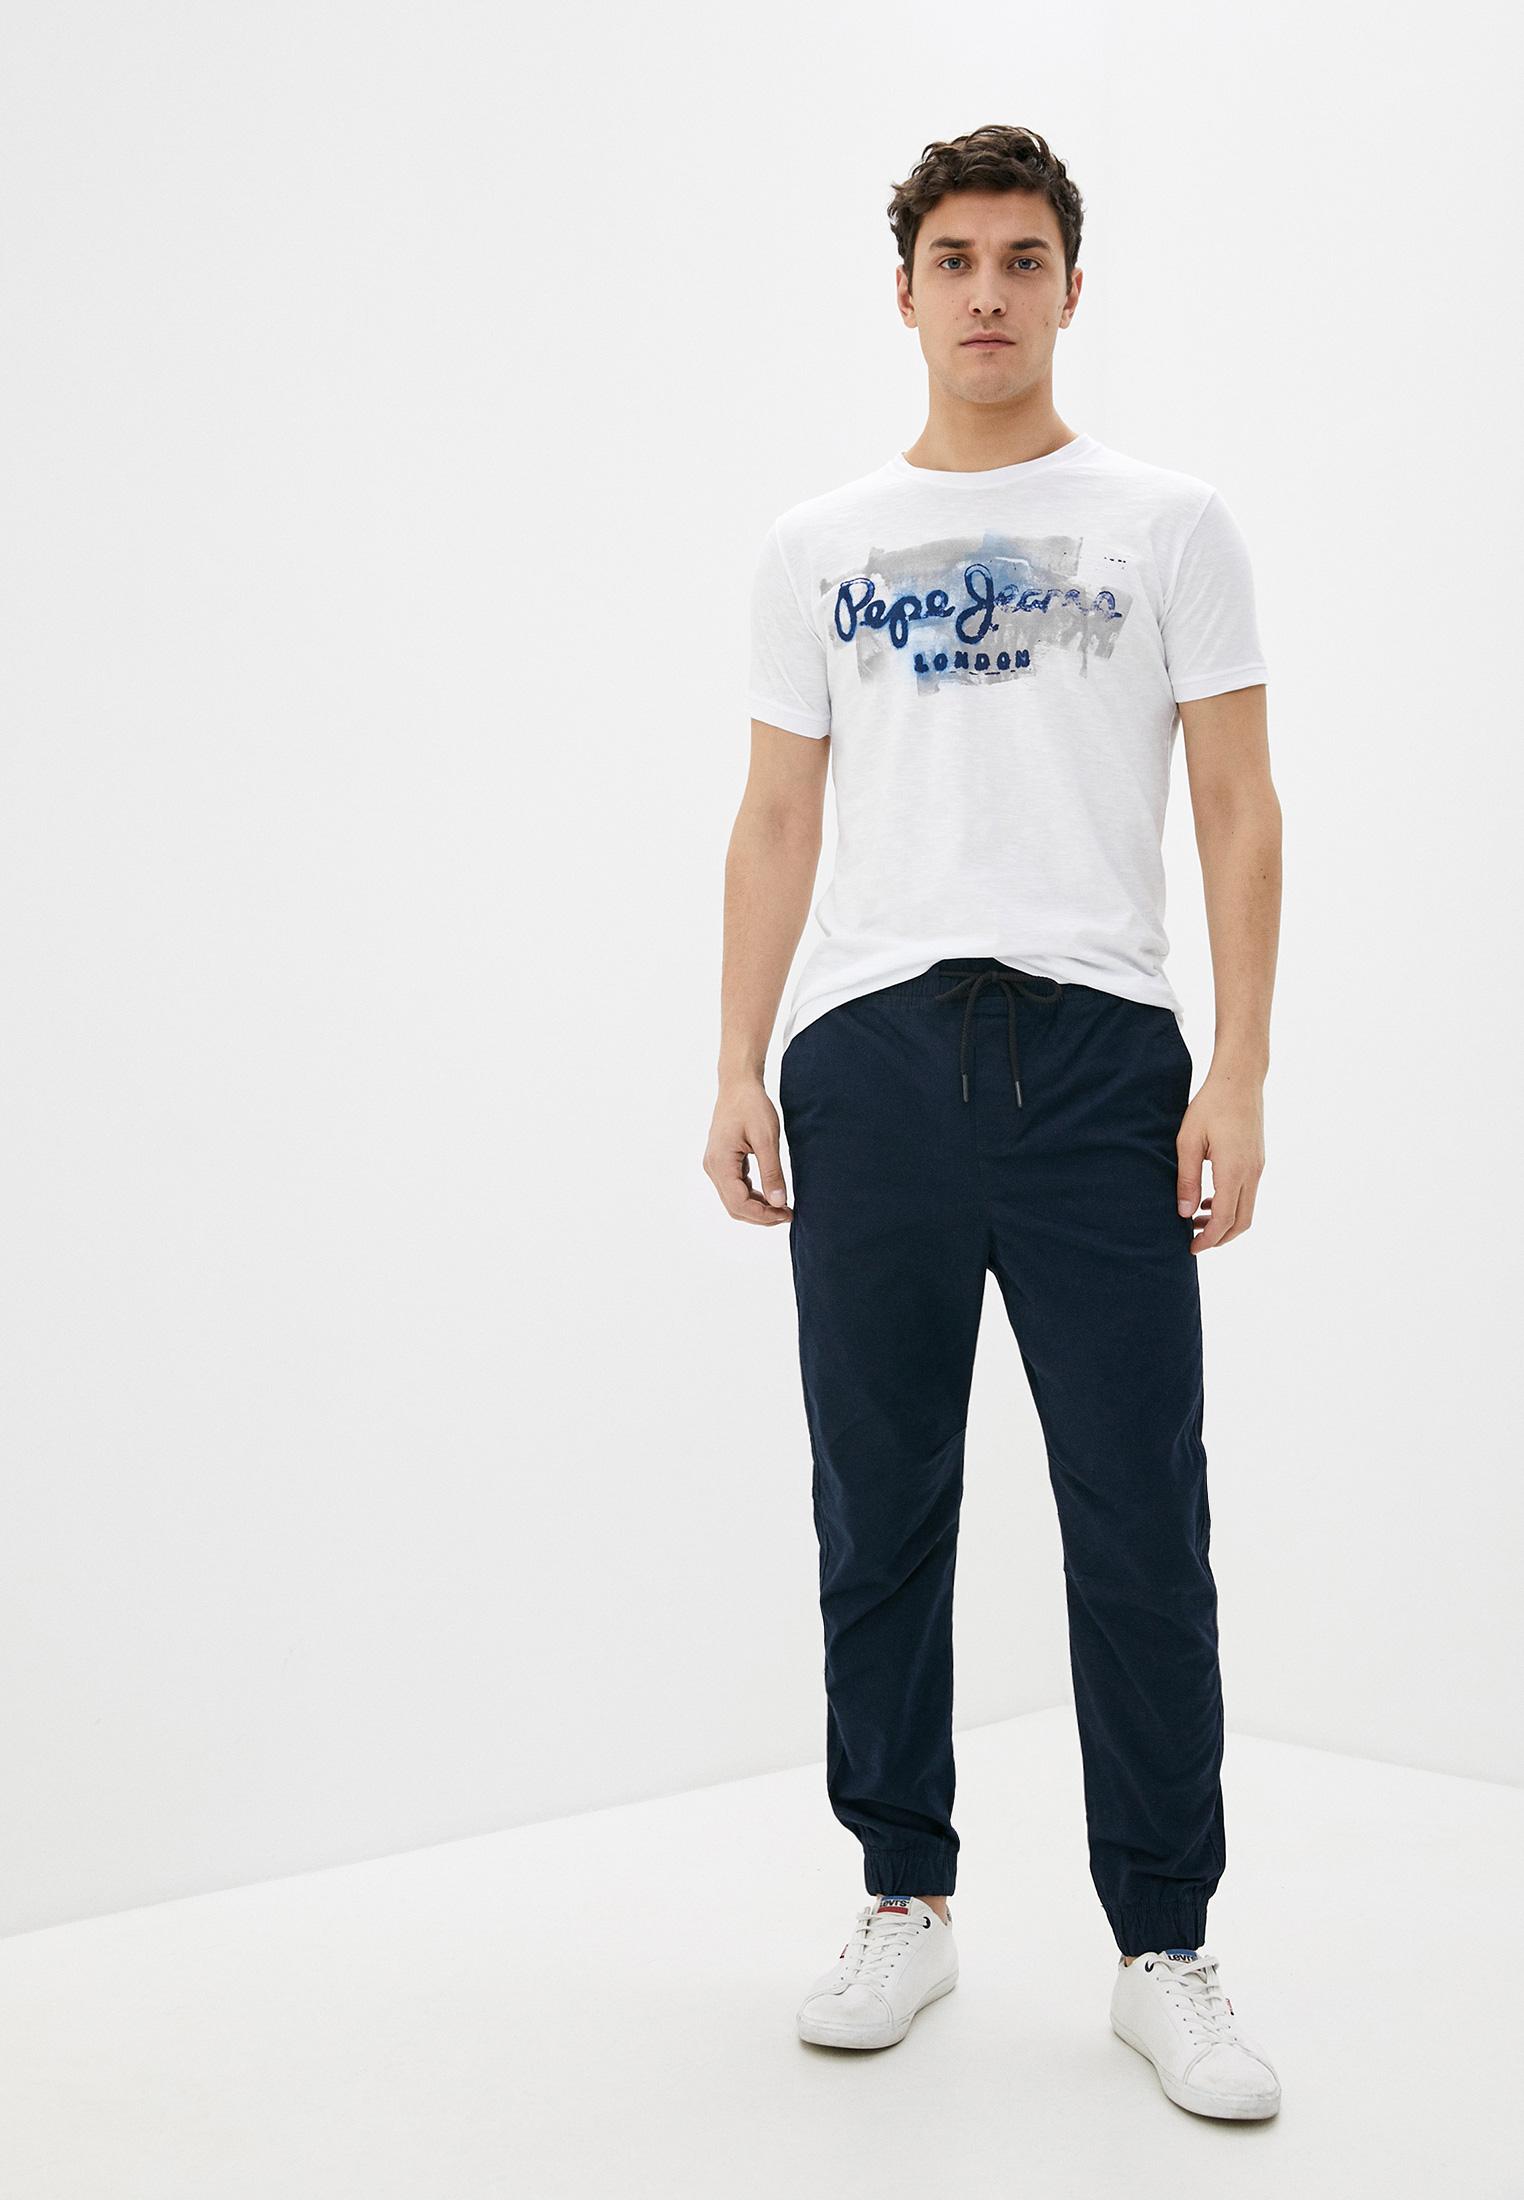 Футболка с коротким рукавом Pepe Jeans (Пепе Джинс) PM503213: изображение 2